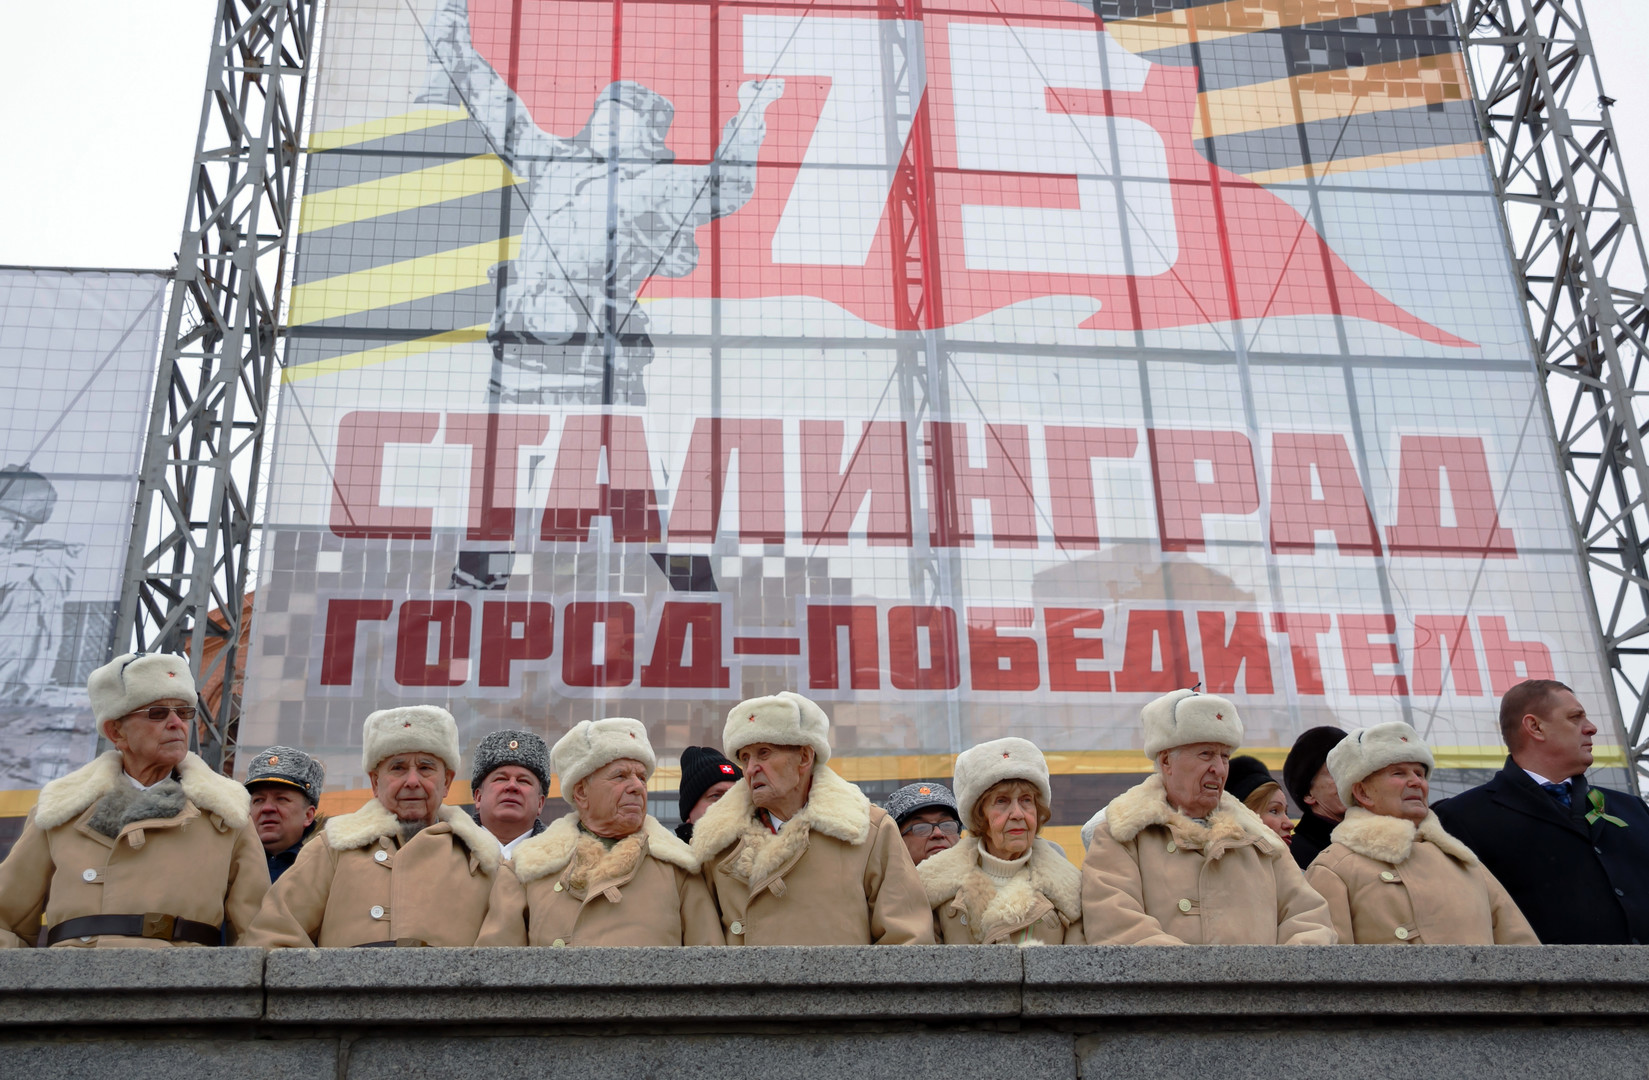 Kriegsveteranen auf der Ehrentribüne während der historischen Militärparade durch das Stadtzentrum